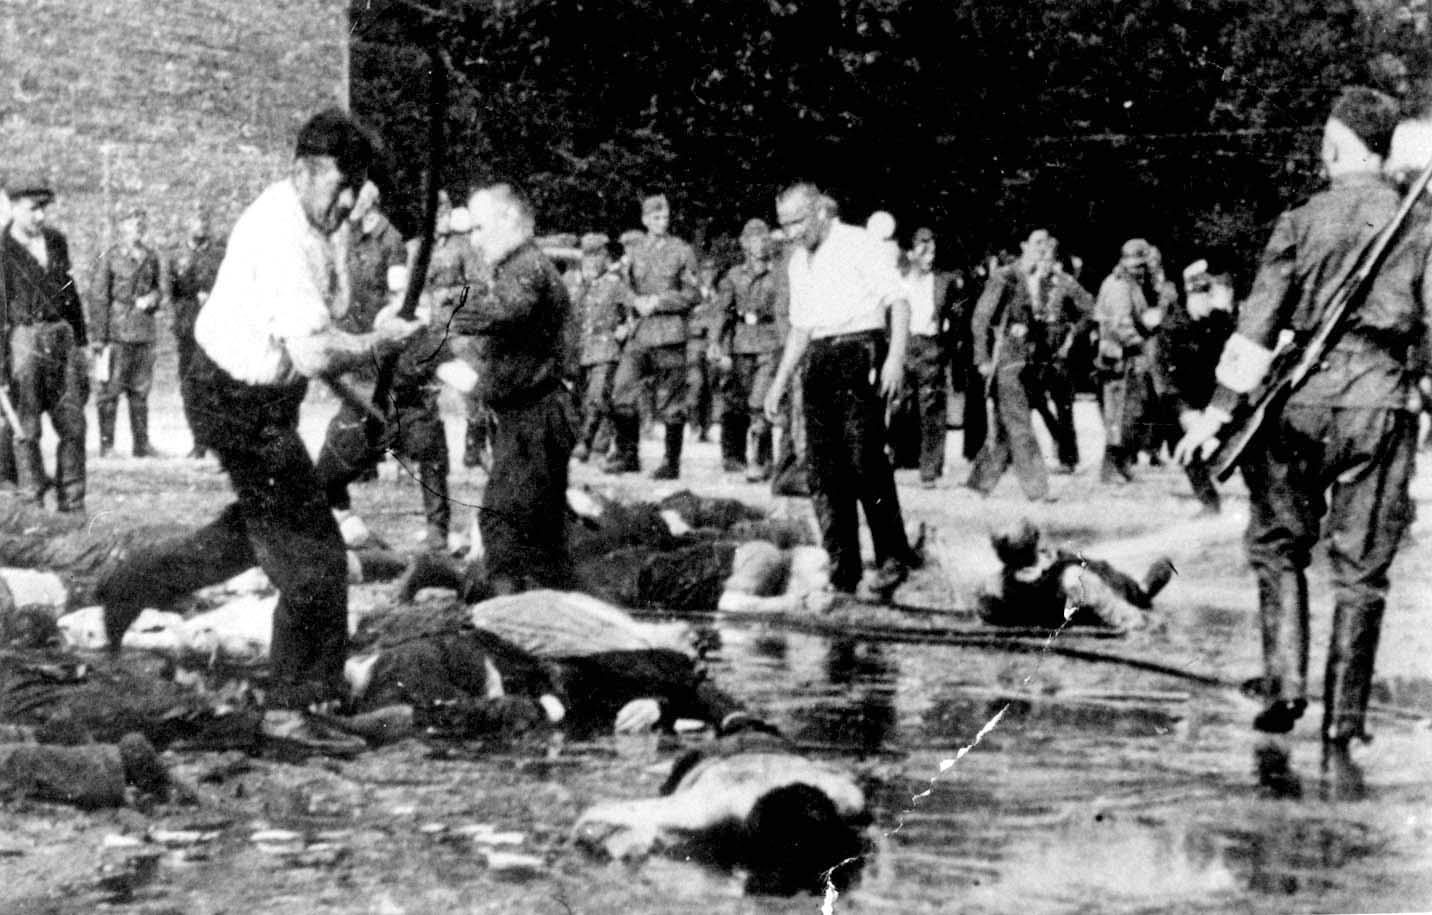 Litouwse criminelen en militieleden (met witte armband) slaan en doden joden terwijl Duitse soldaten toekijken. Kovno (Kaunas), Litouwen, 24 juni 1941. 'Het moest op een pogrom lijken' (Yad Vashem Photo Archive, Jerusalem, archival signature 74F07)